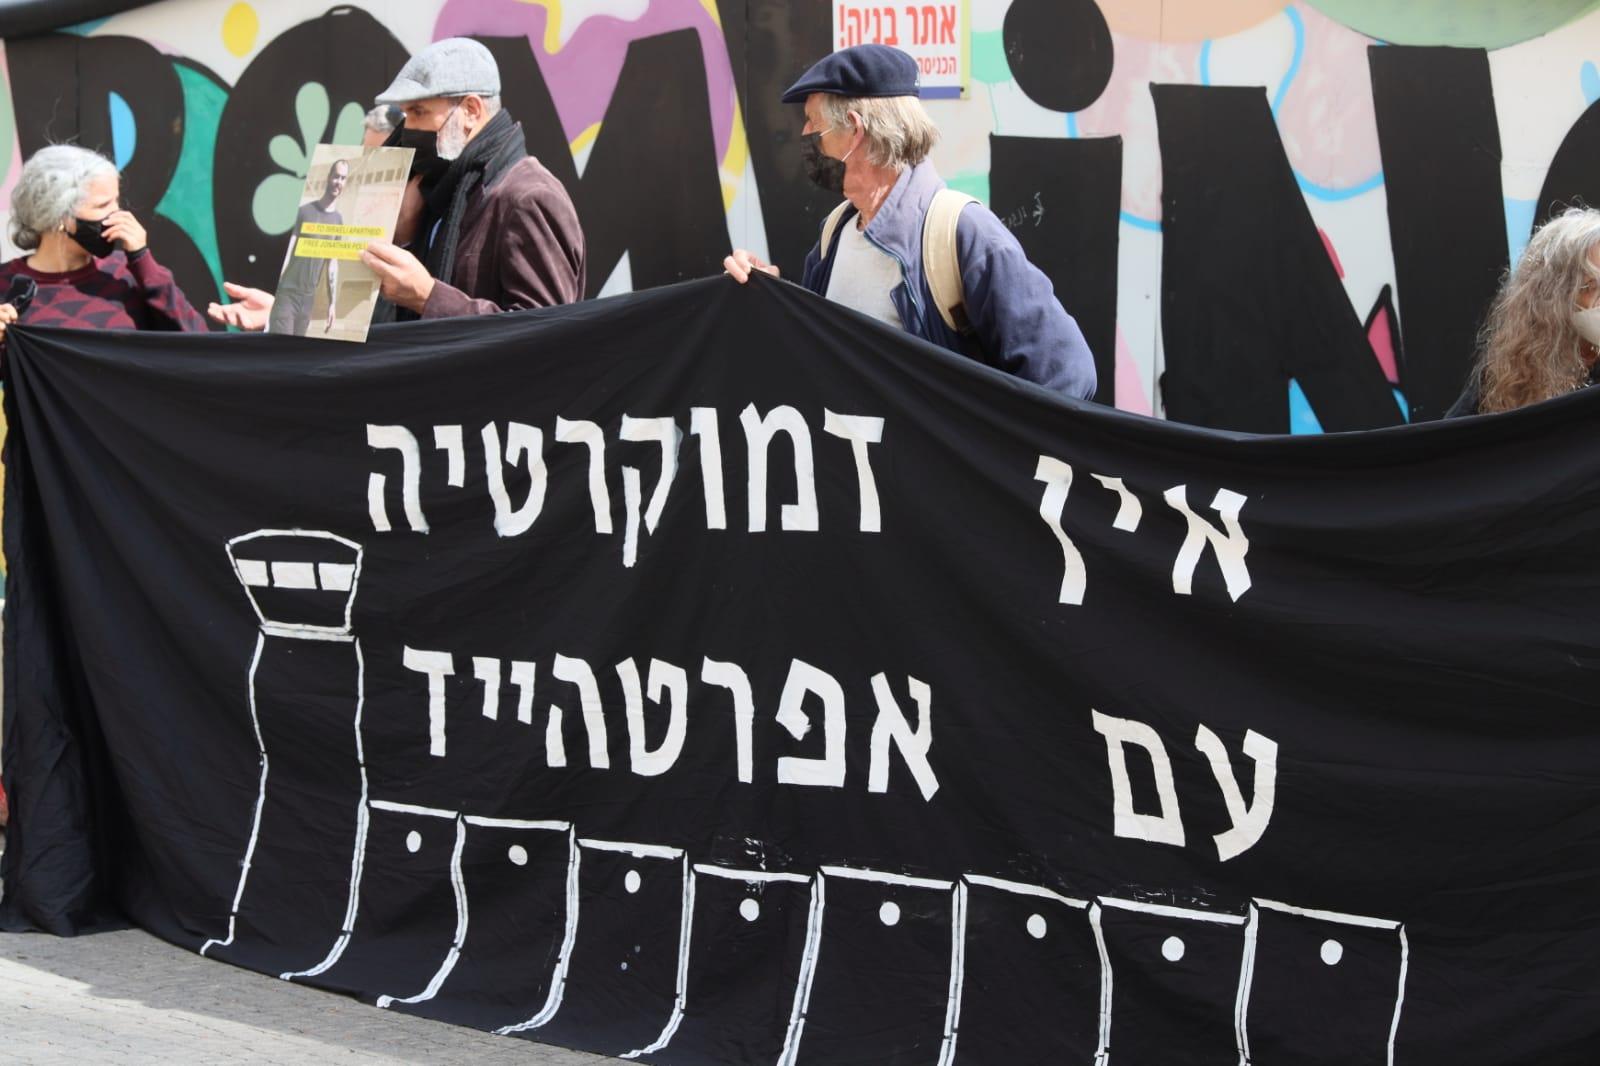 מחאה מחוץ לדיון של יונתן פולק בבית המשפט השלום בירושלים (צילום: שרונה וויס/ אקטיבסטילס)